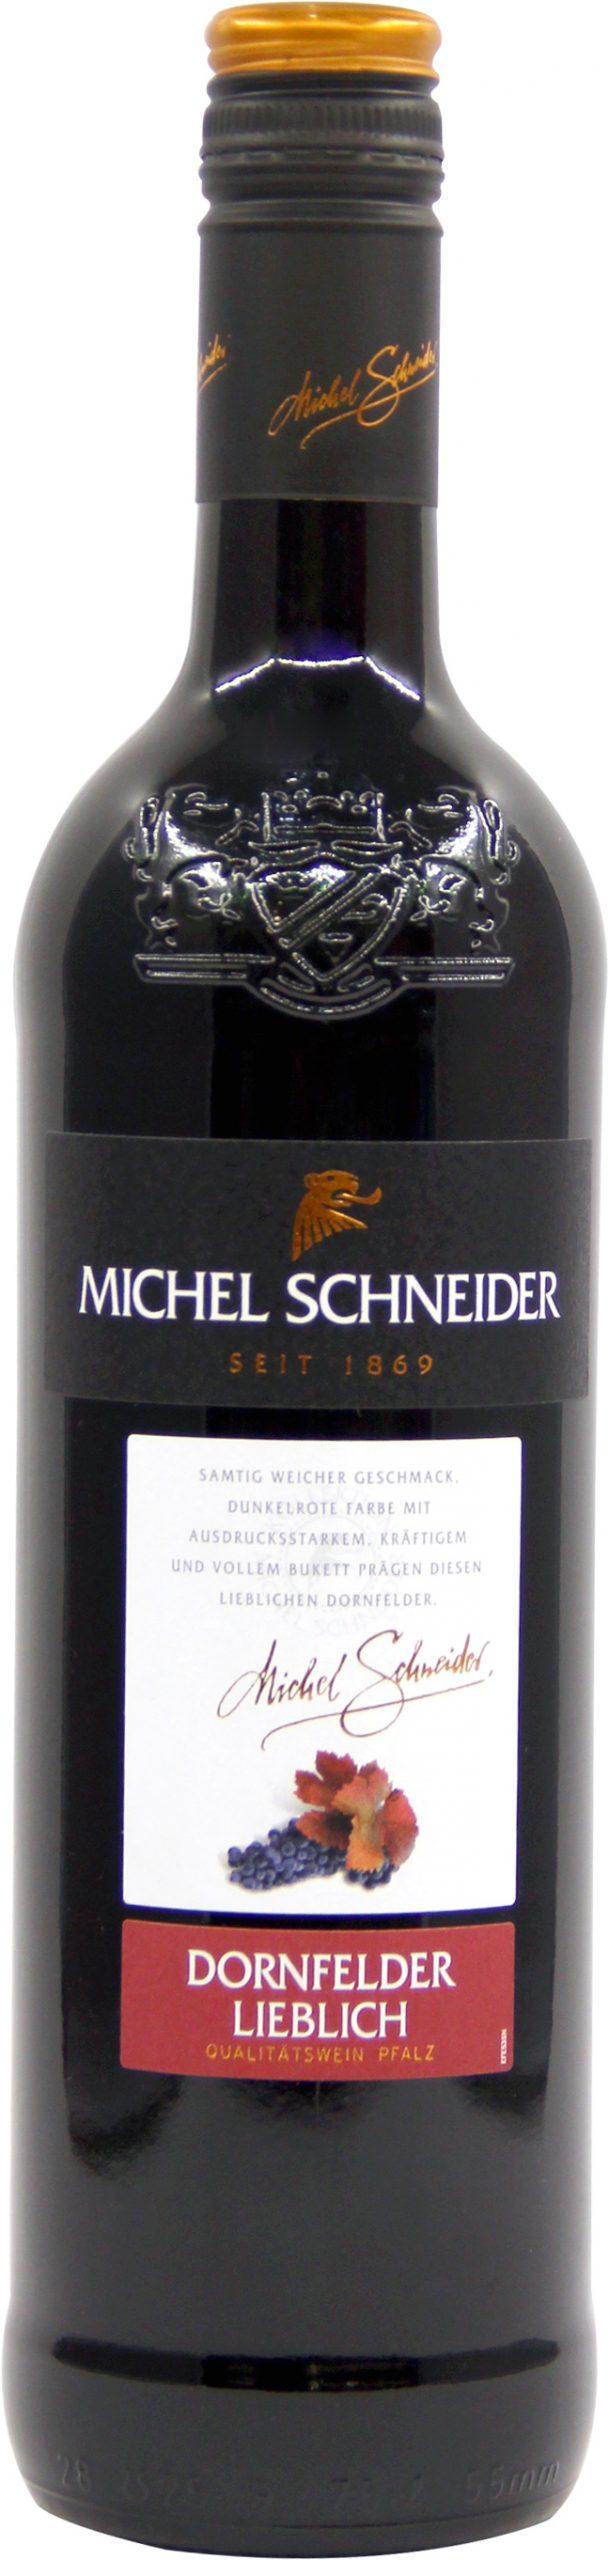 米歇尔施耐德丹菲特半甜红葡萄酒